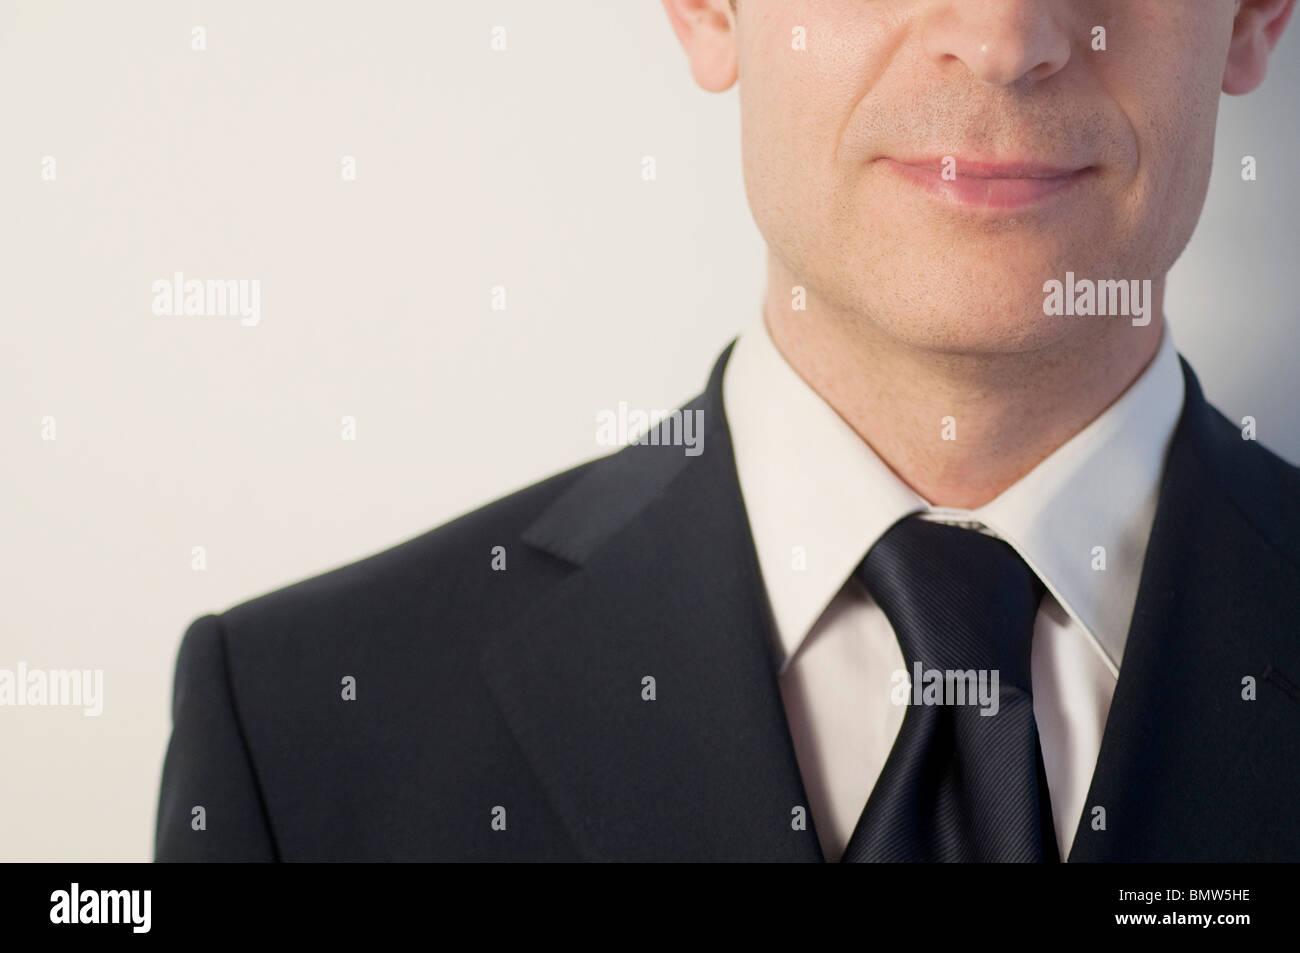 L'uomo indossare tuta blu e cravatta. Viso e spalle. Chiudere la vista. Immagini Stock